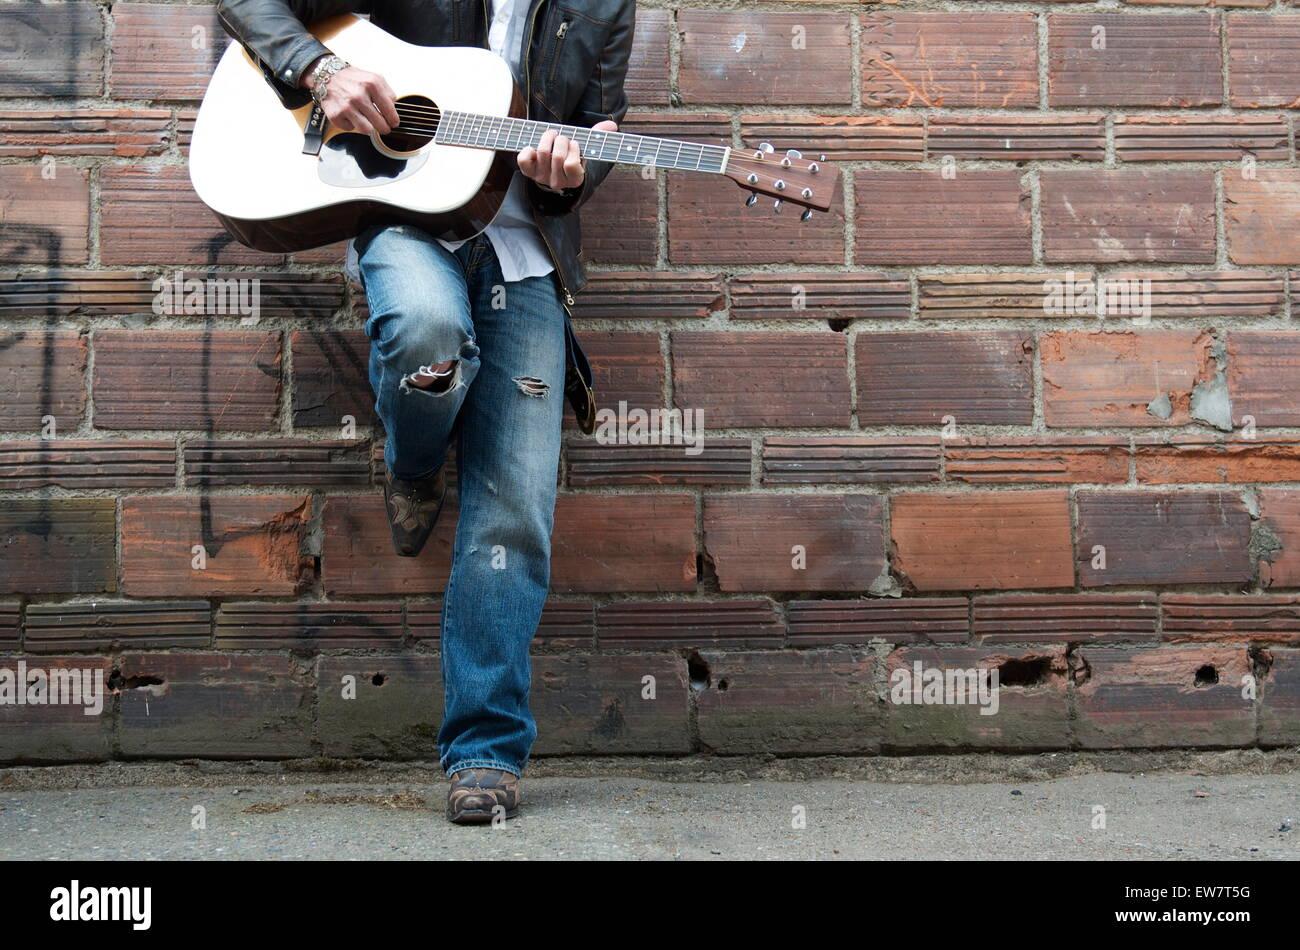 Mann in Lederjacke und Cowboy-Stiefel, die Gitarre zu spielen, in einer Gasse Stockbild